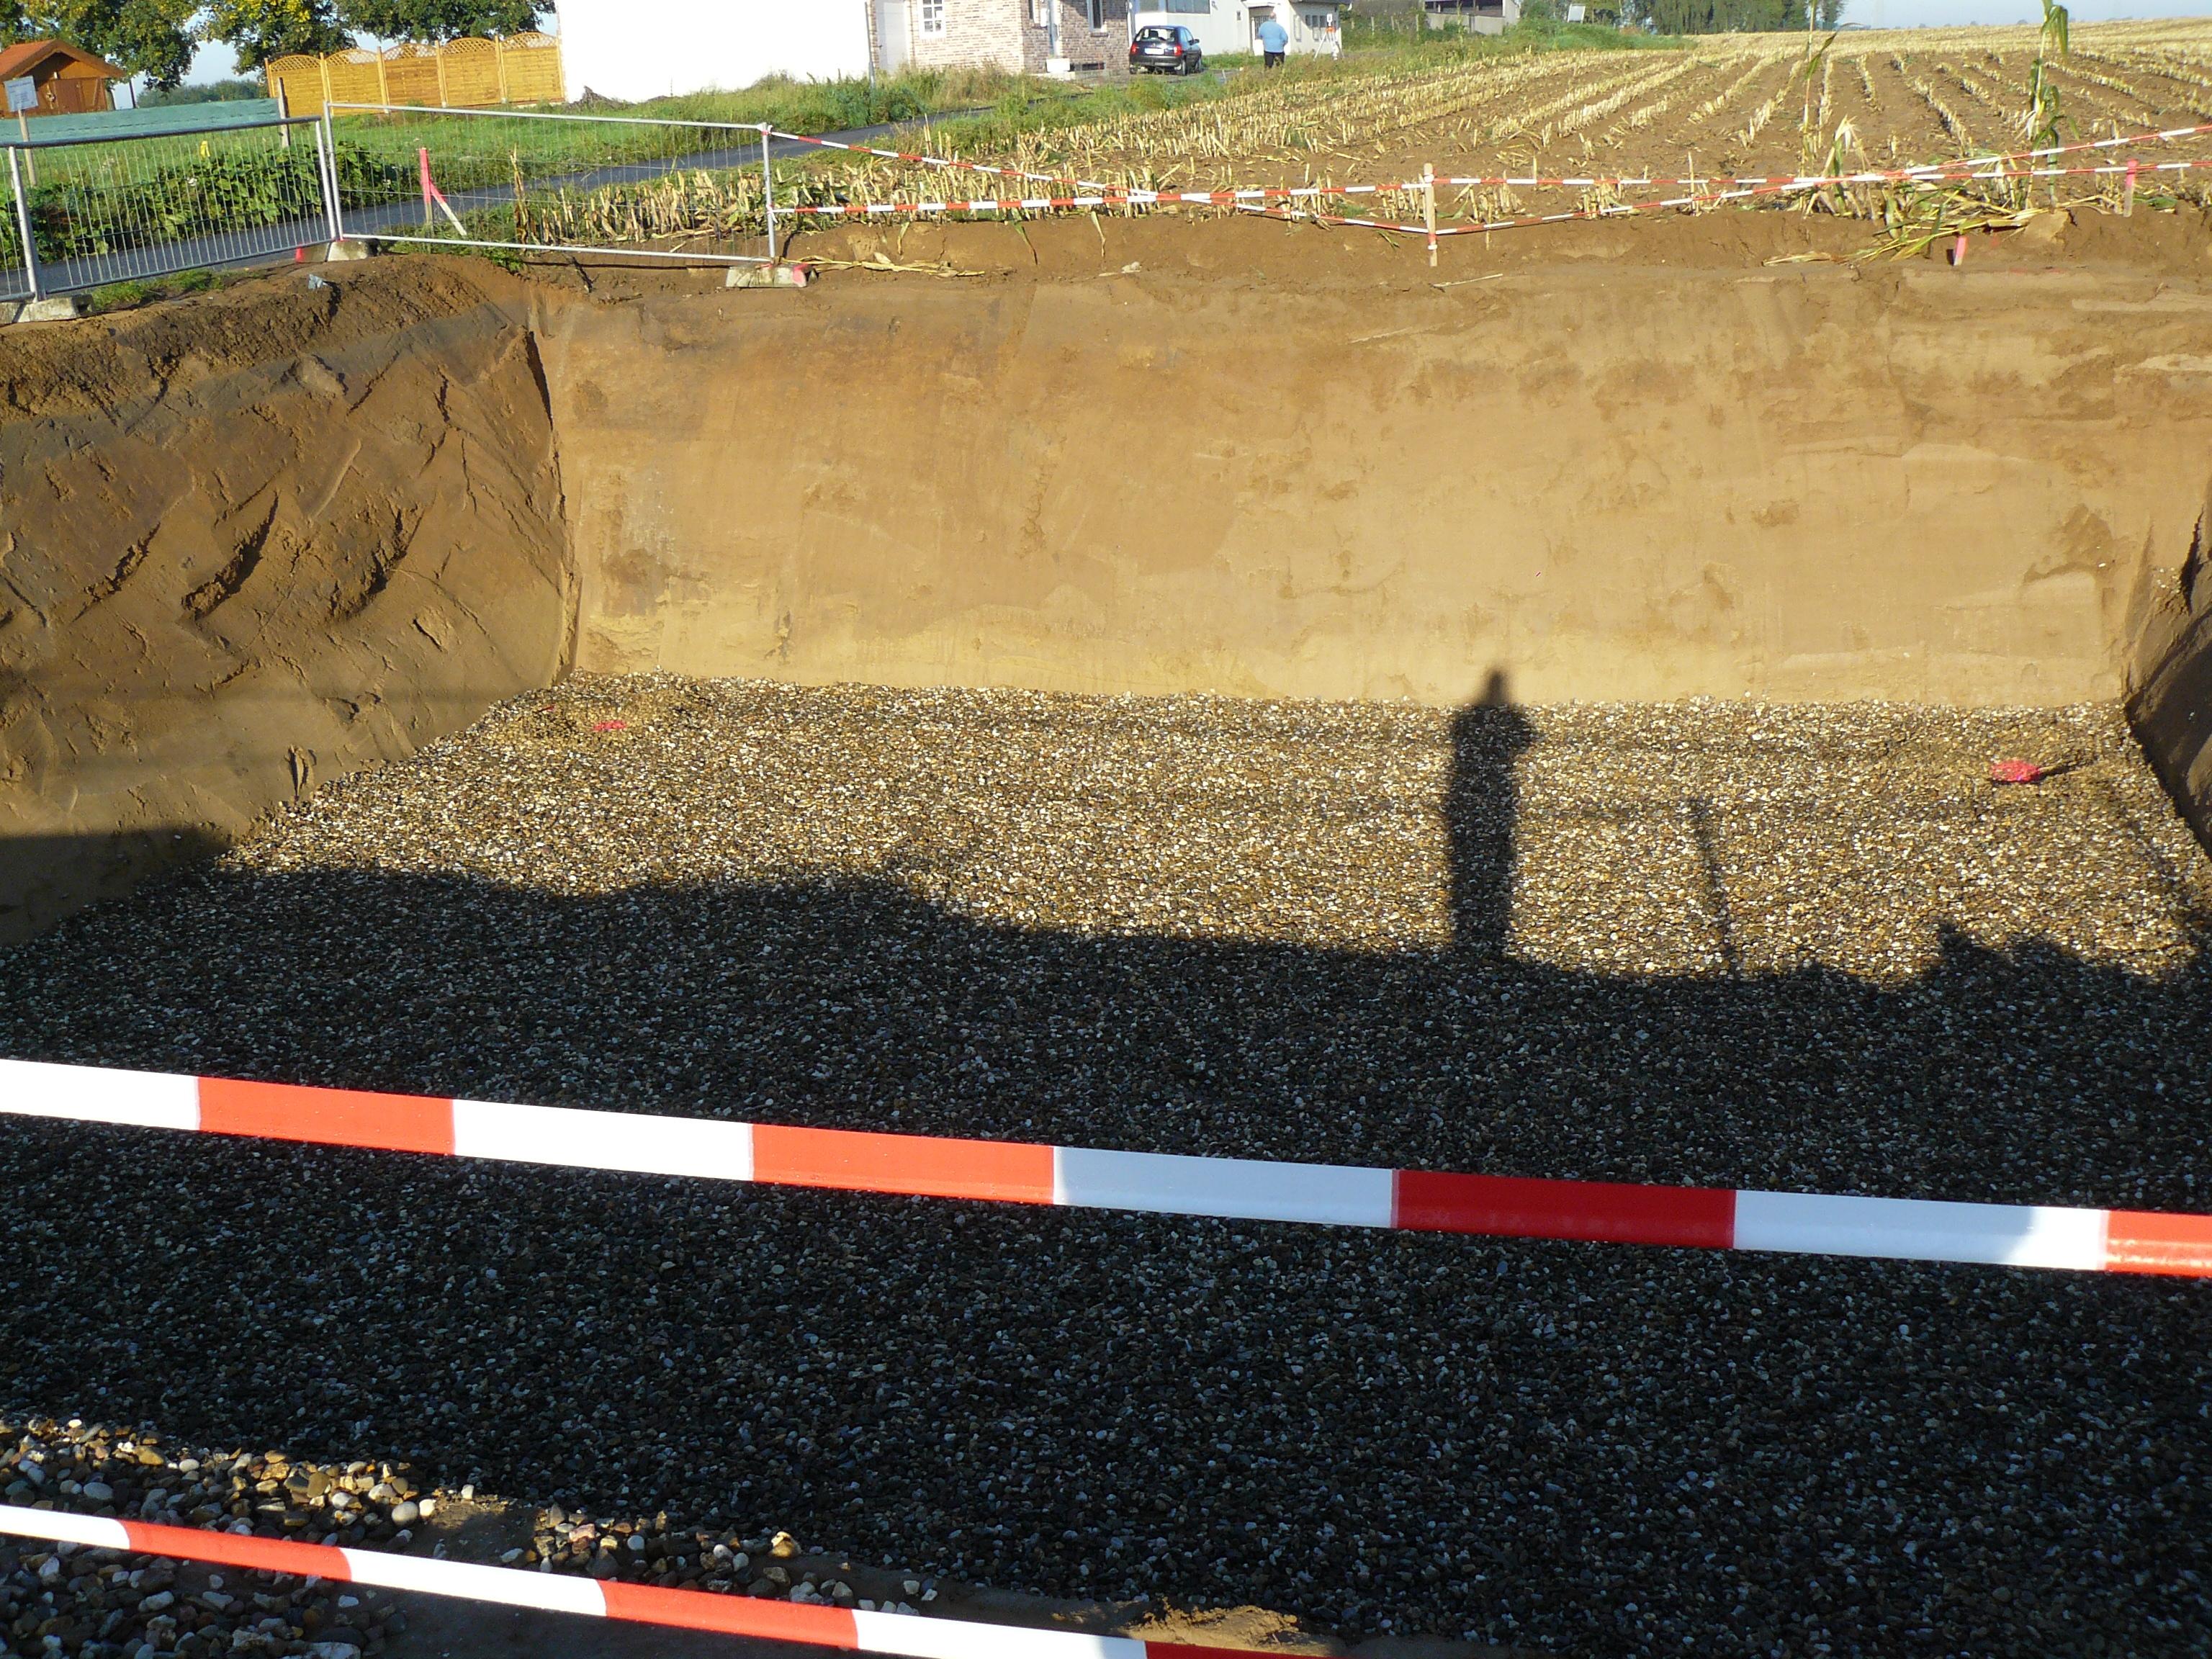 Mein Schatten in der Baugrube